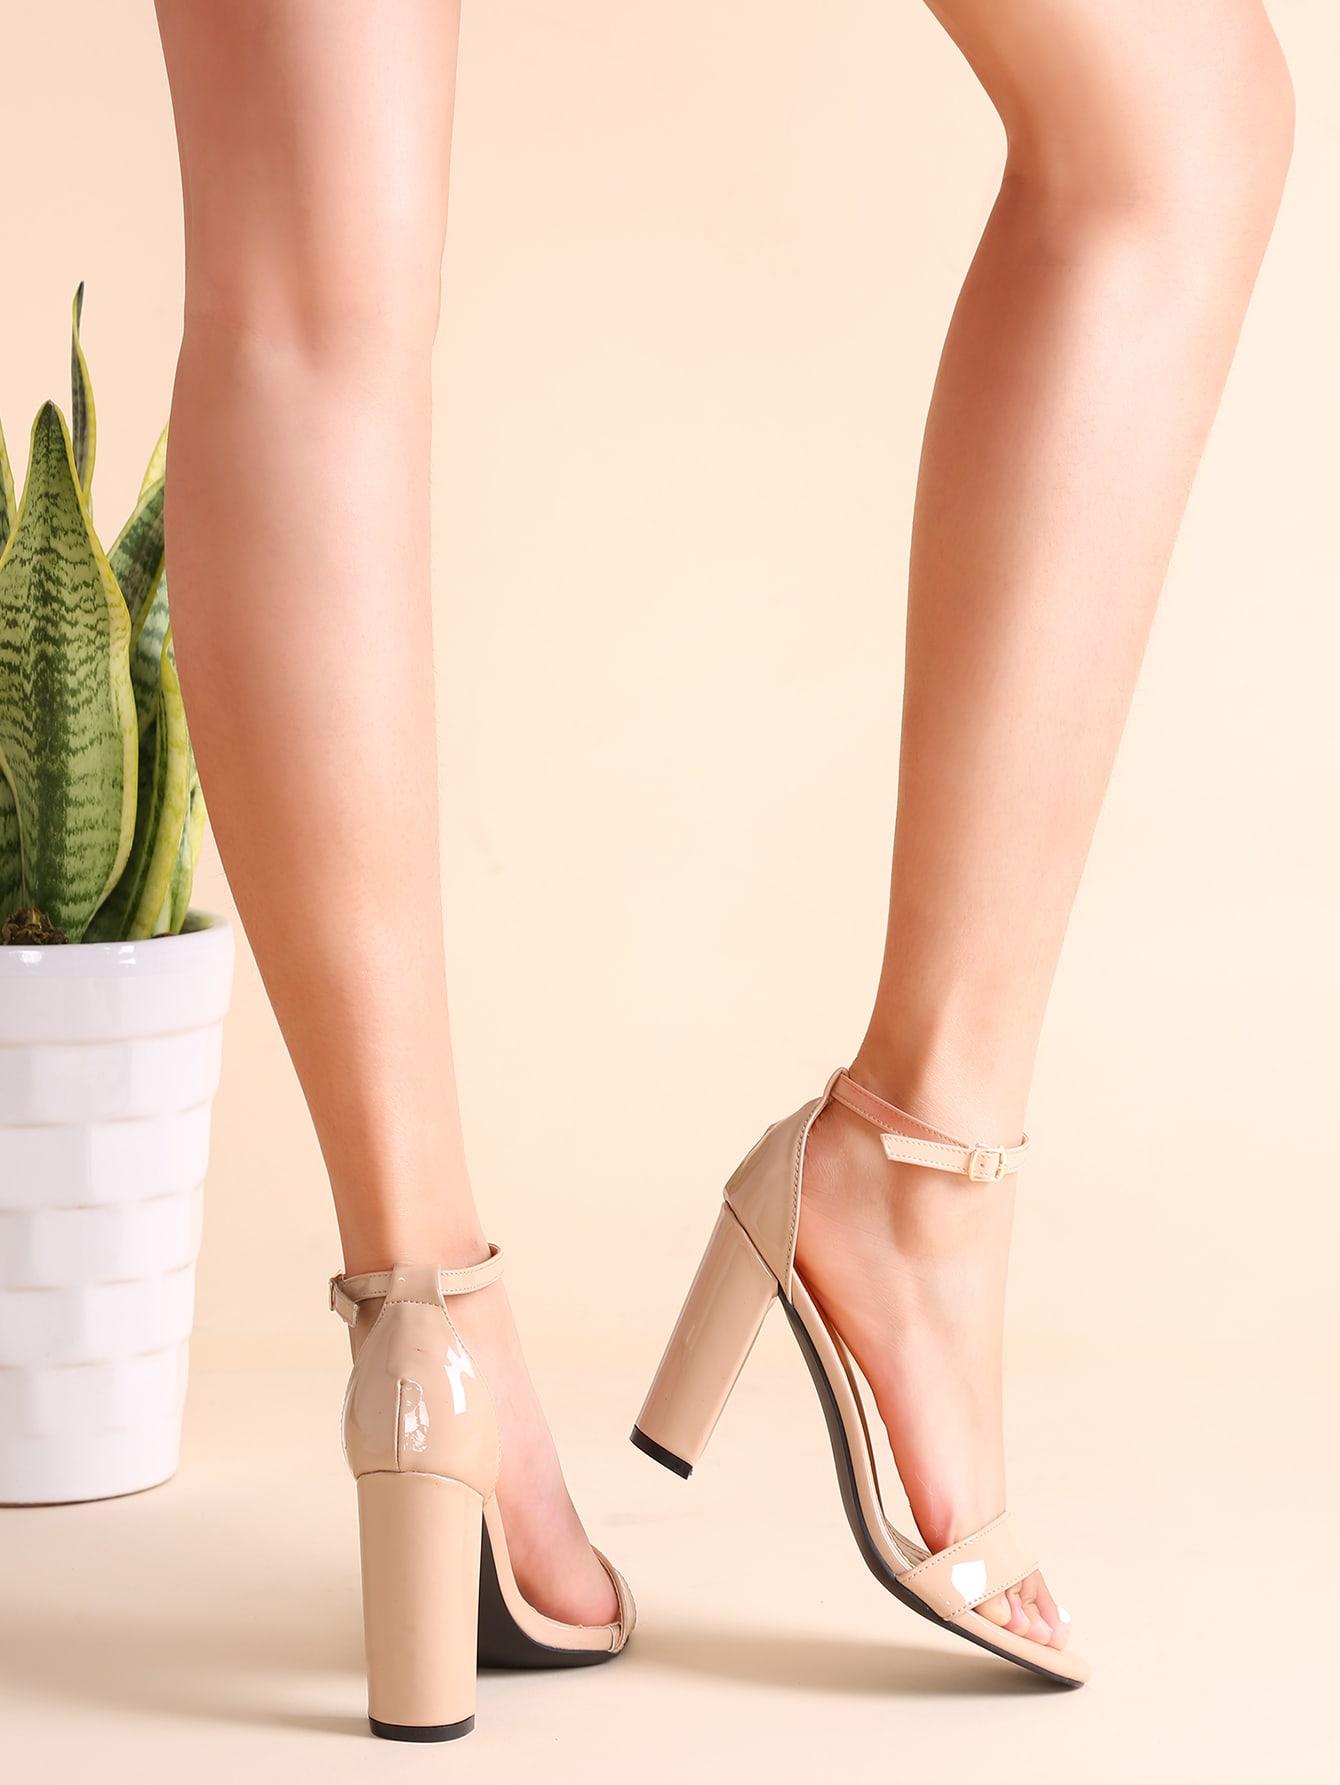 shoes161202801_2